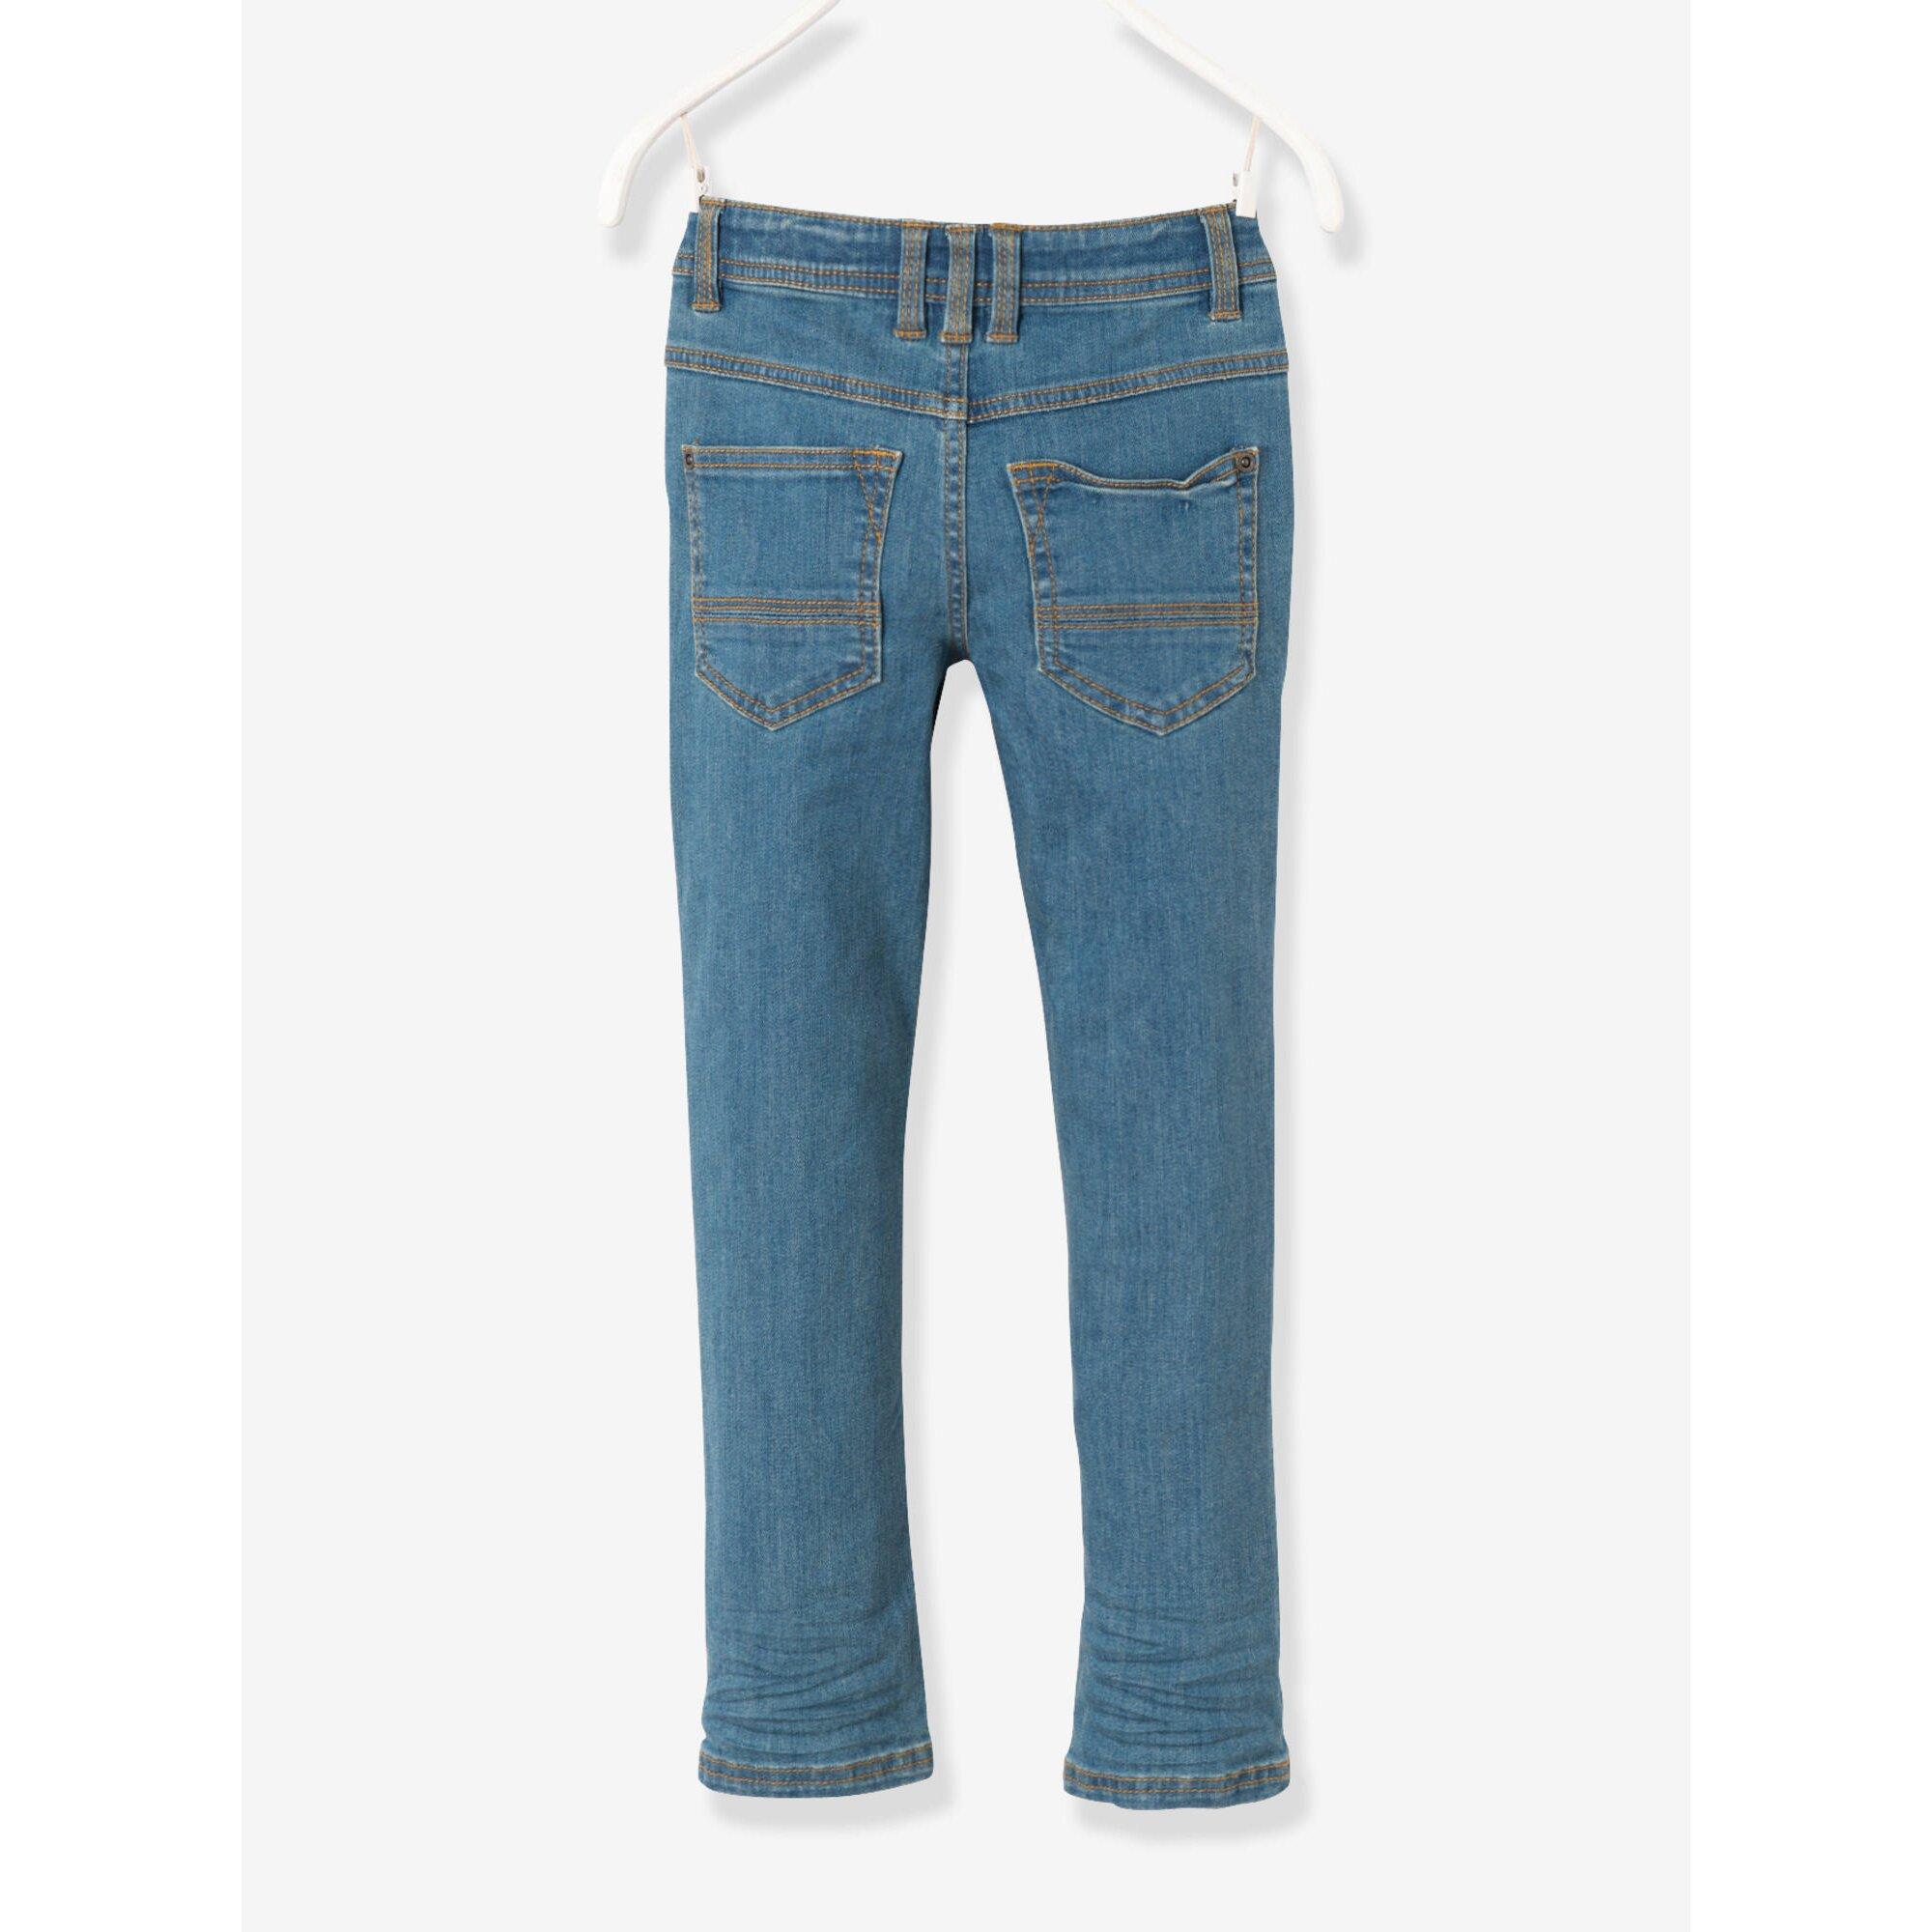 vertbaudet-slim-fit-jeans-fur-jungen-huftweite-regular